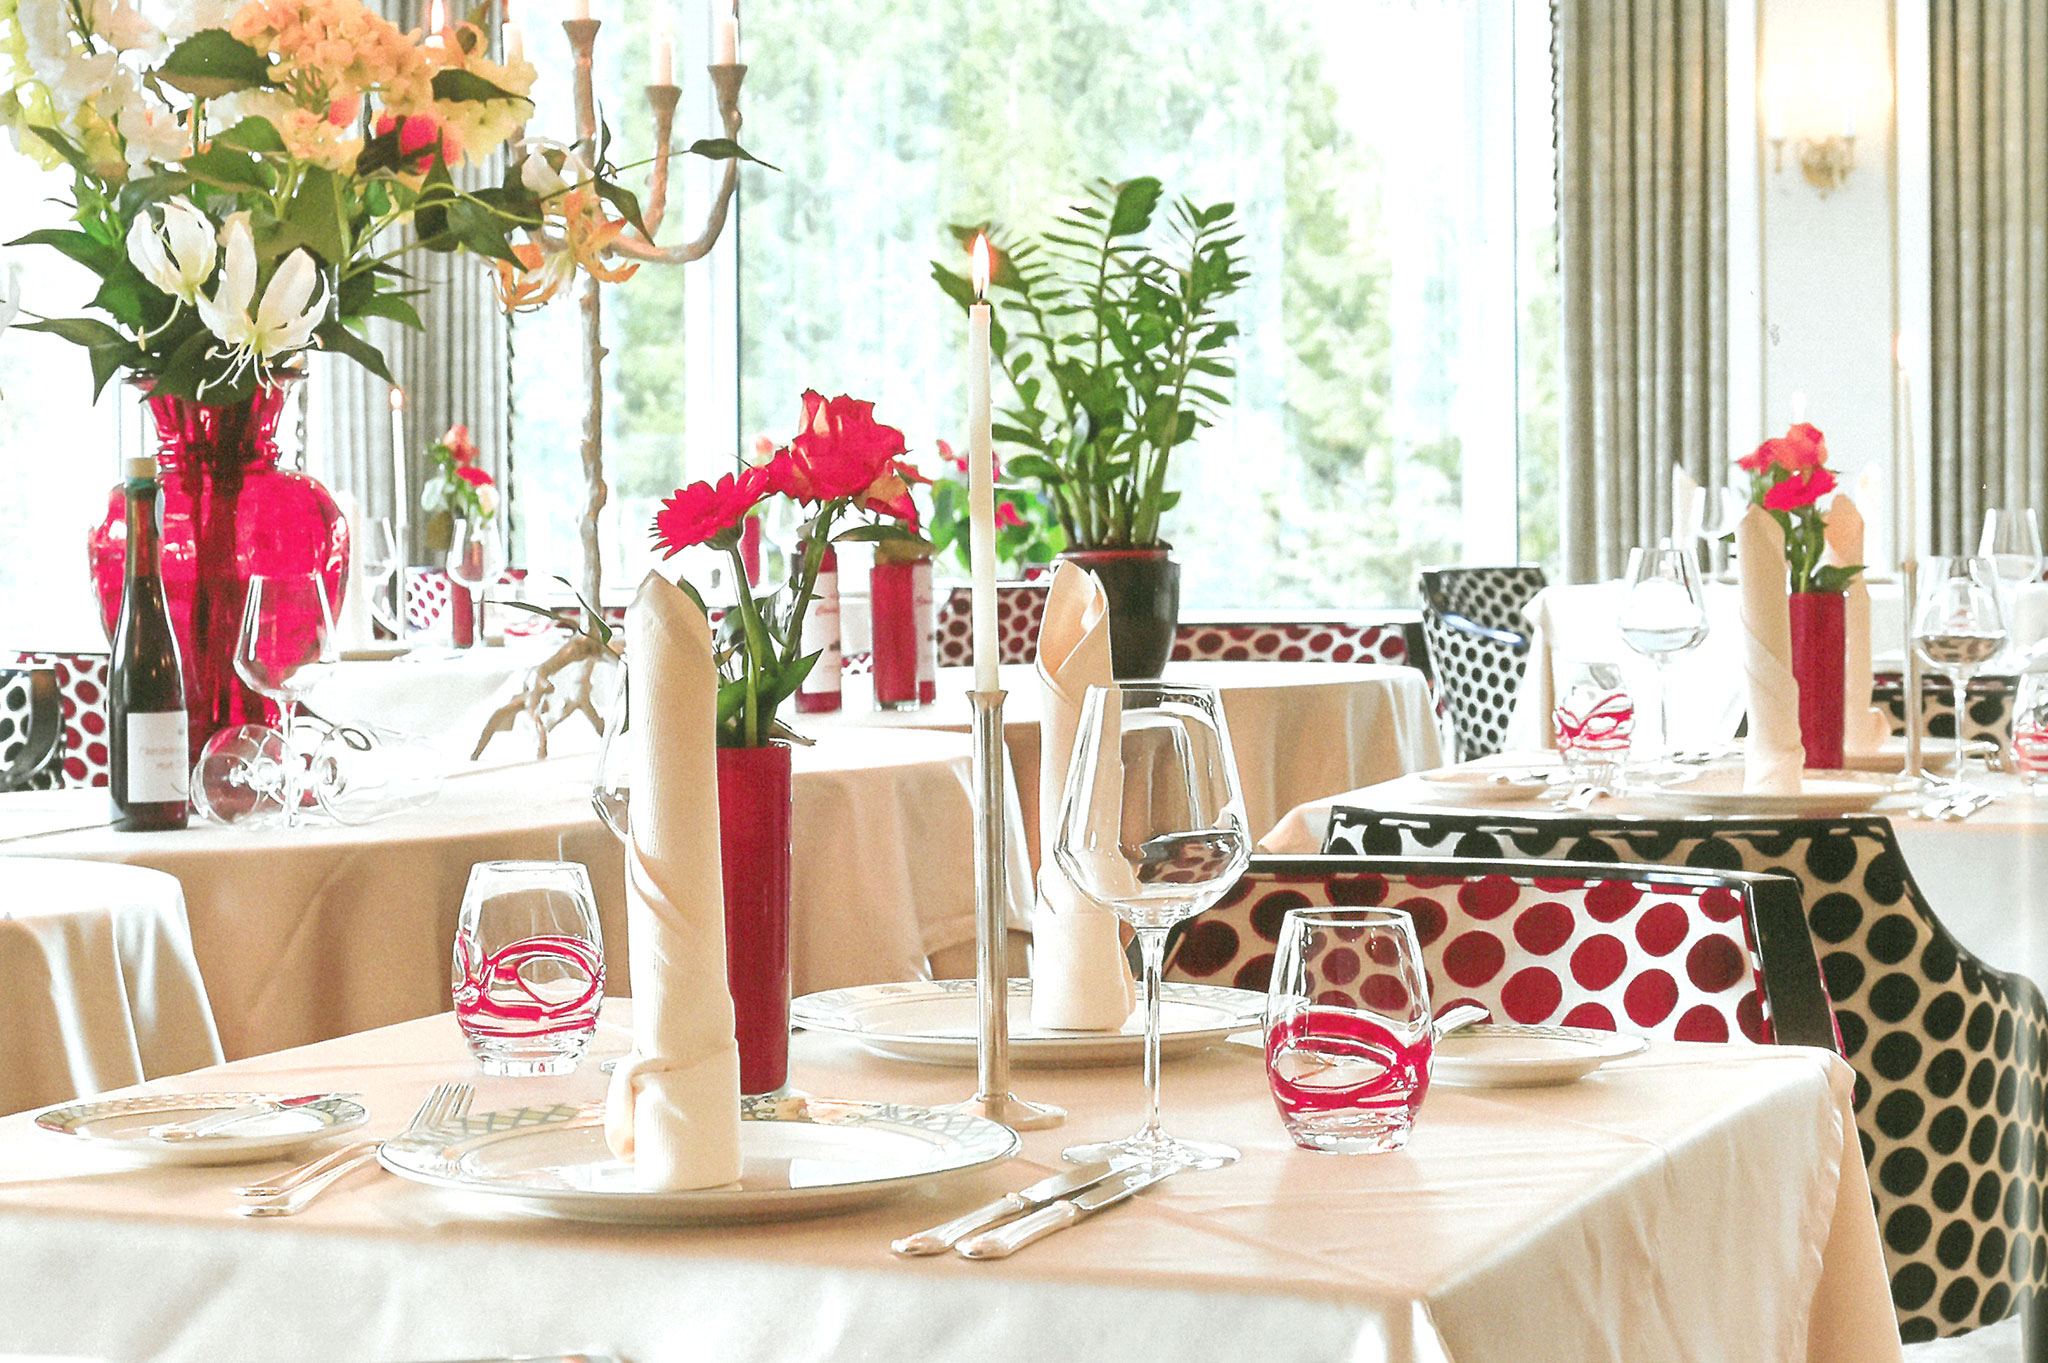 Les Jardins Gourmands - Restaurant Gastronomique